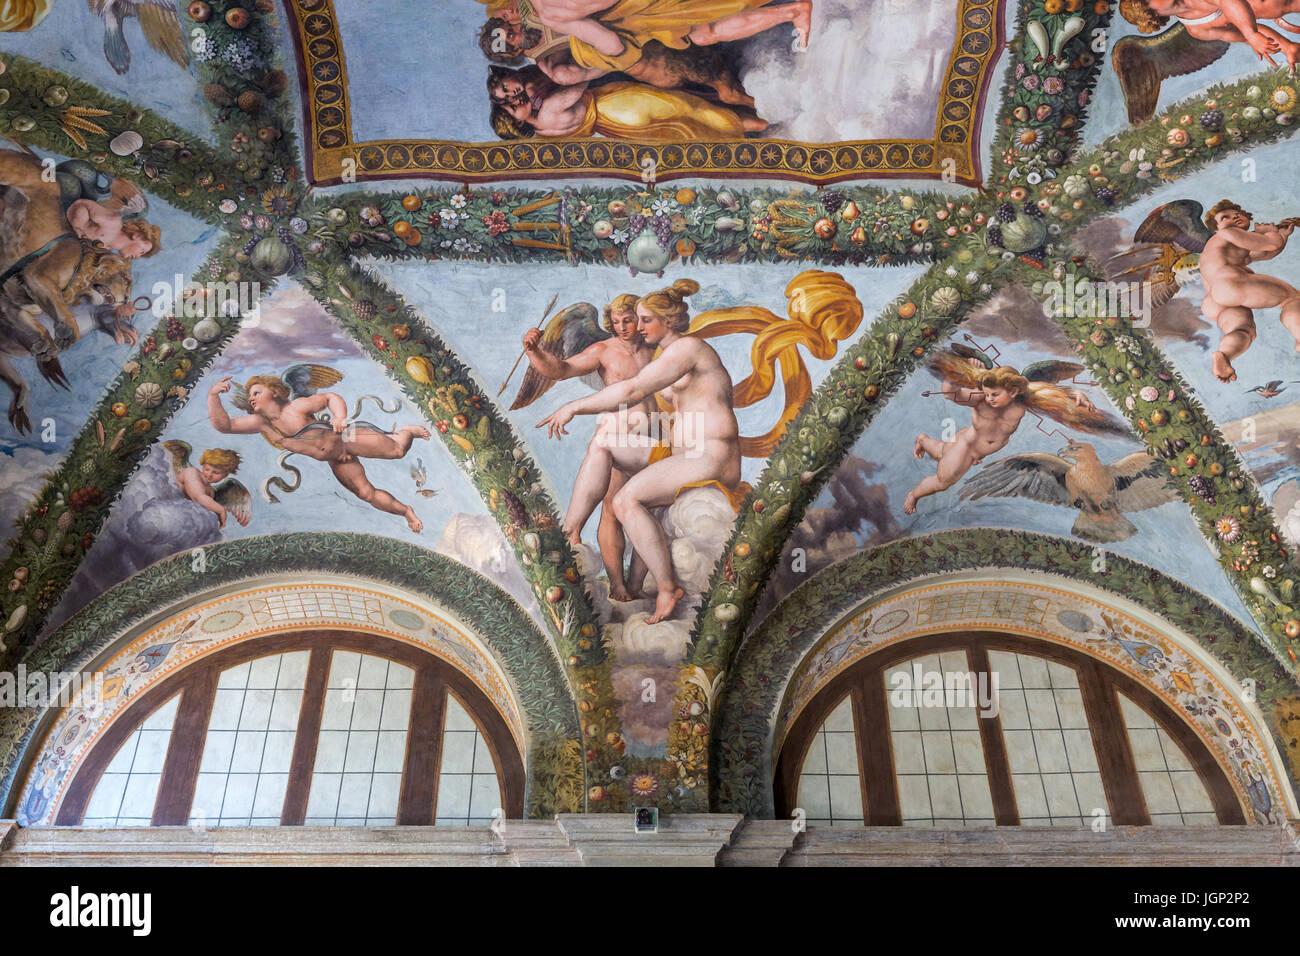 Venere ed Amore, affresco di Raffellino del Colle, Villa Farnesina, Roma, Italia Immagini Stock